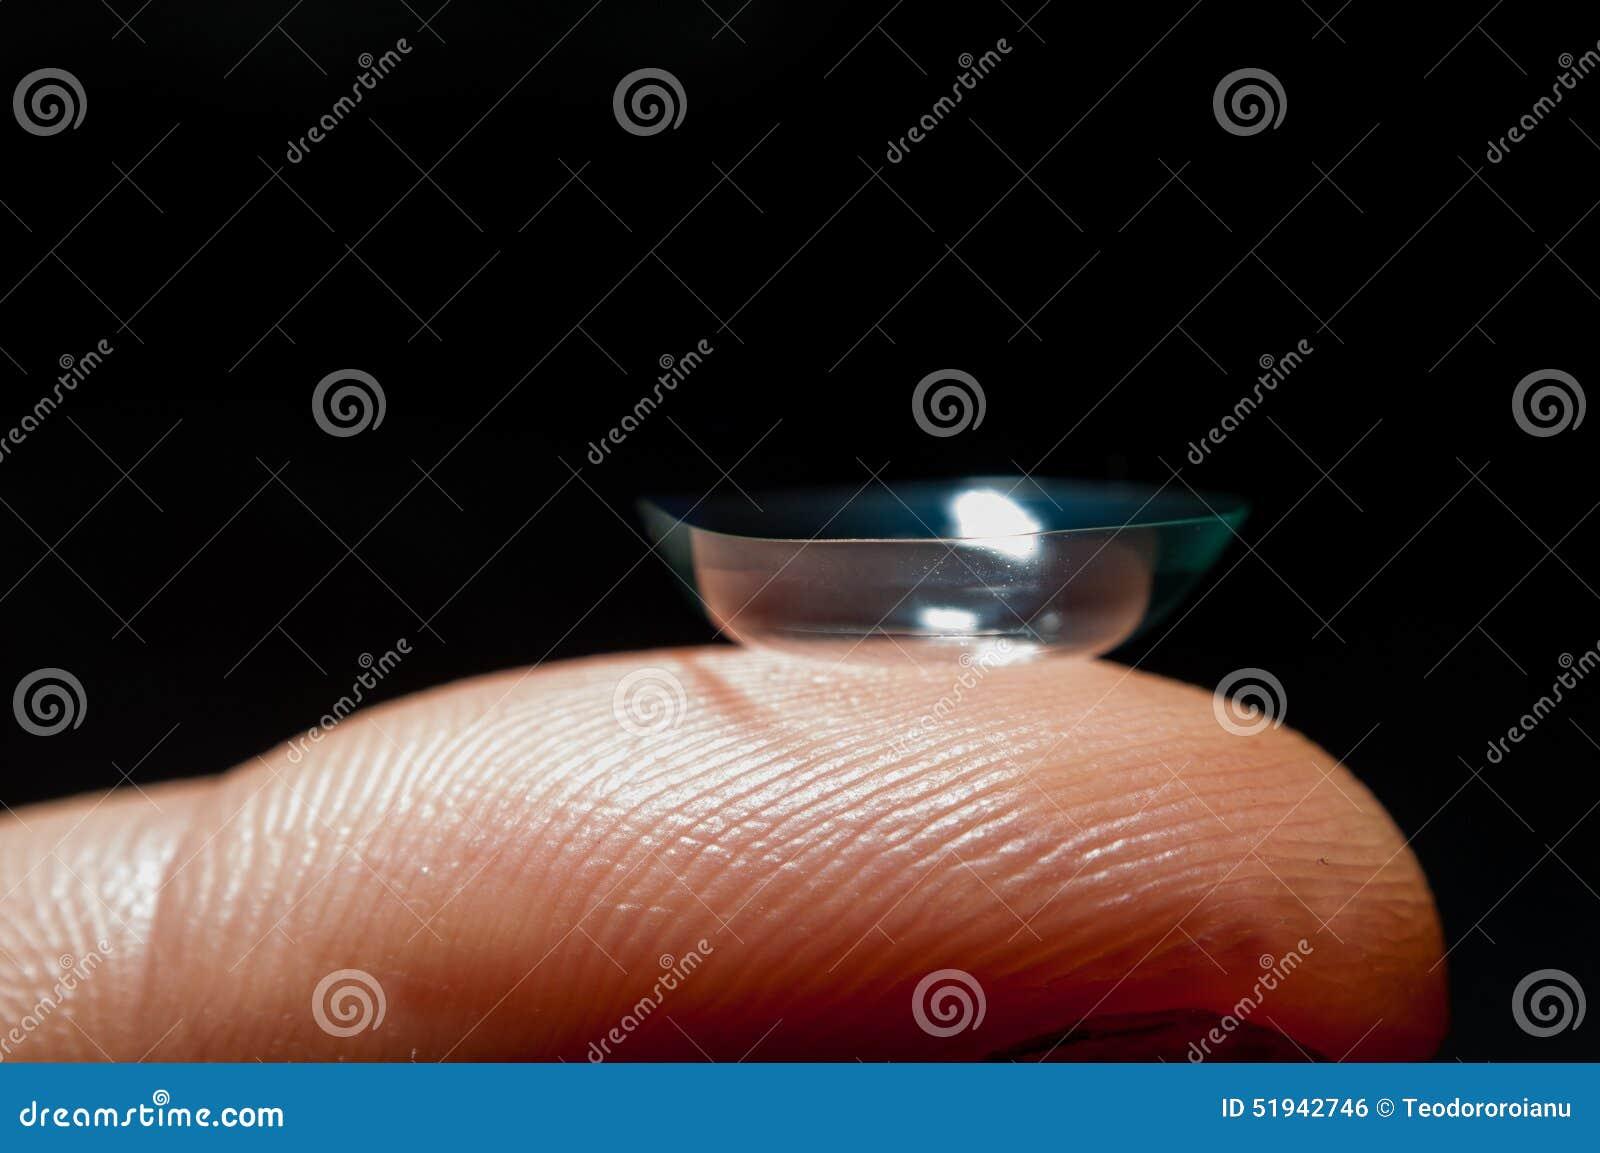 Lense de contact sur le doigt